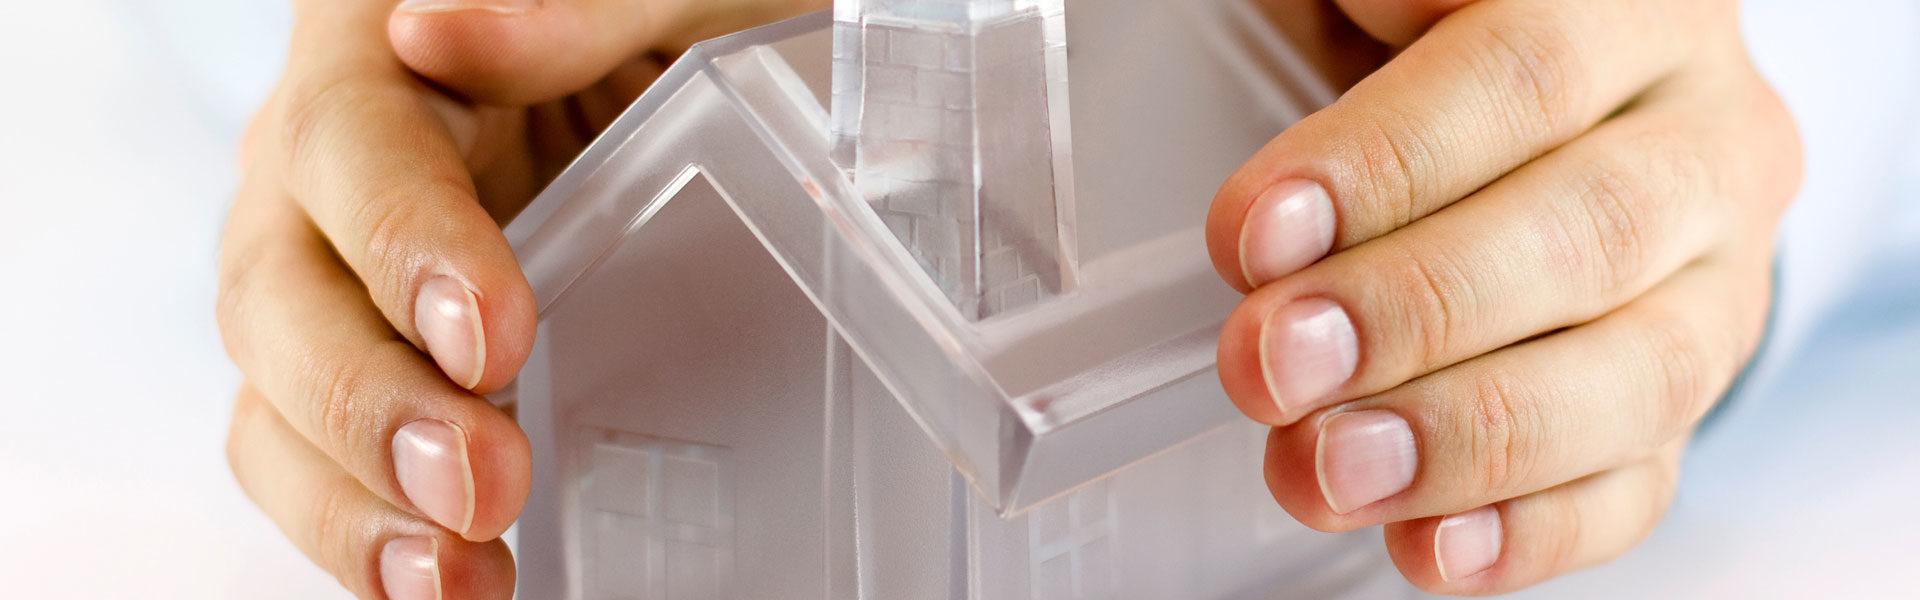 Sicherheit beim Hausbau